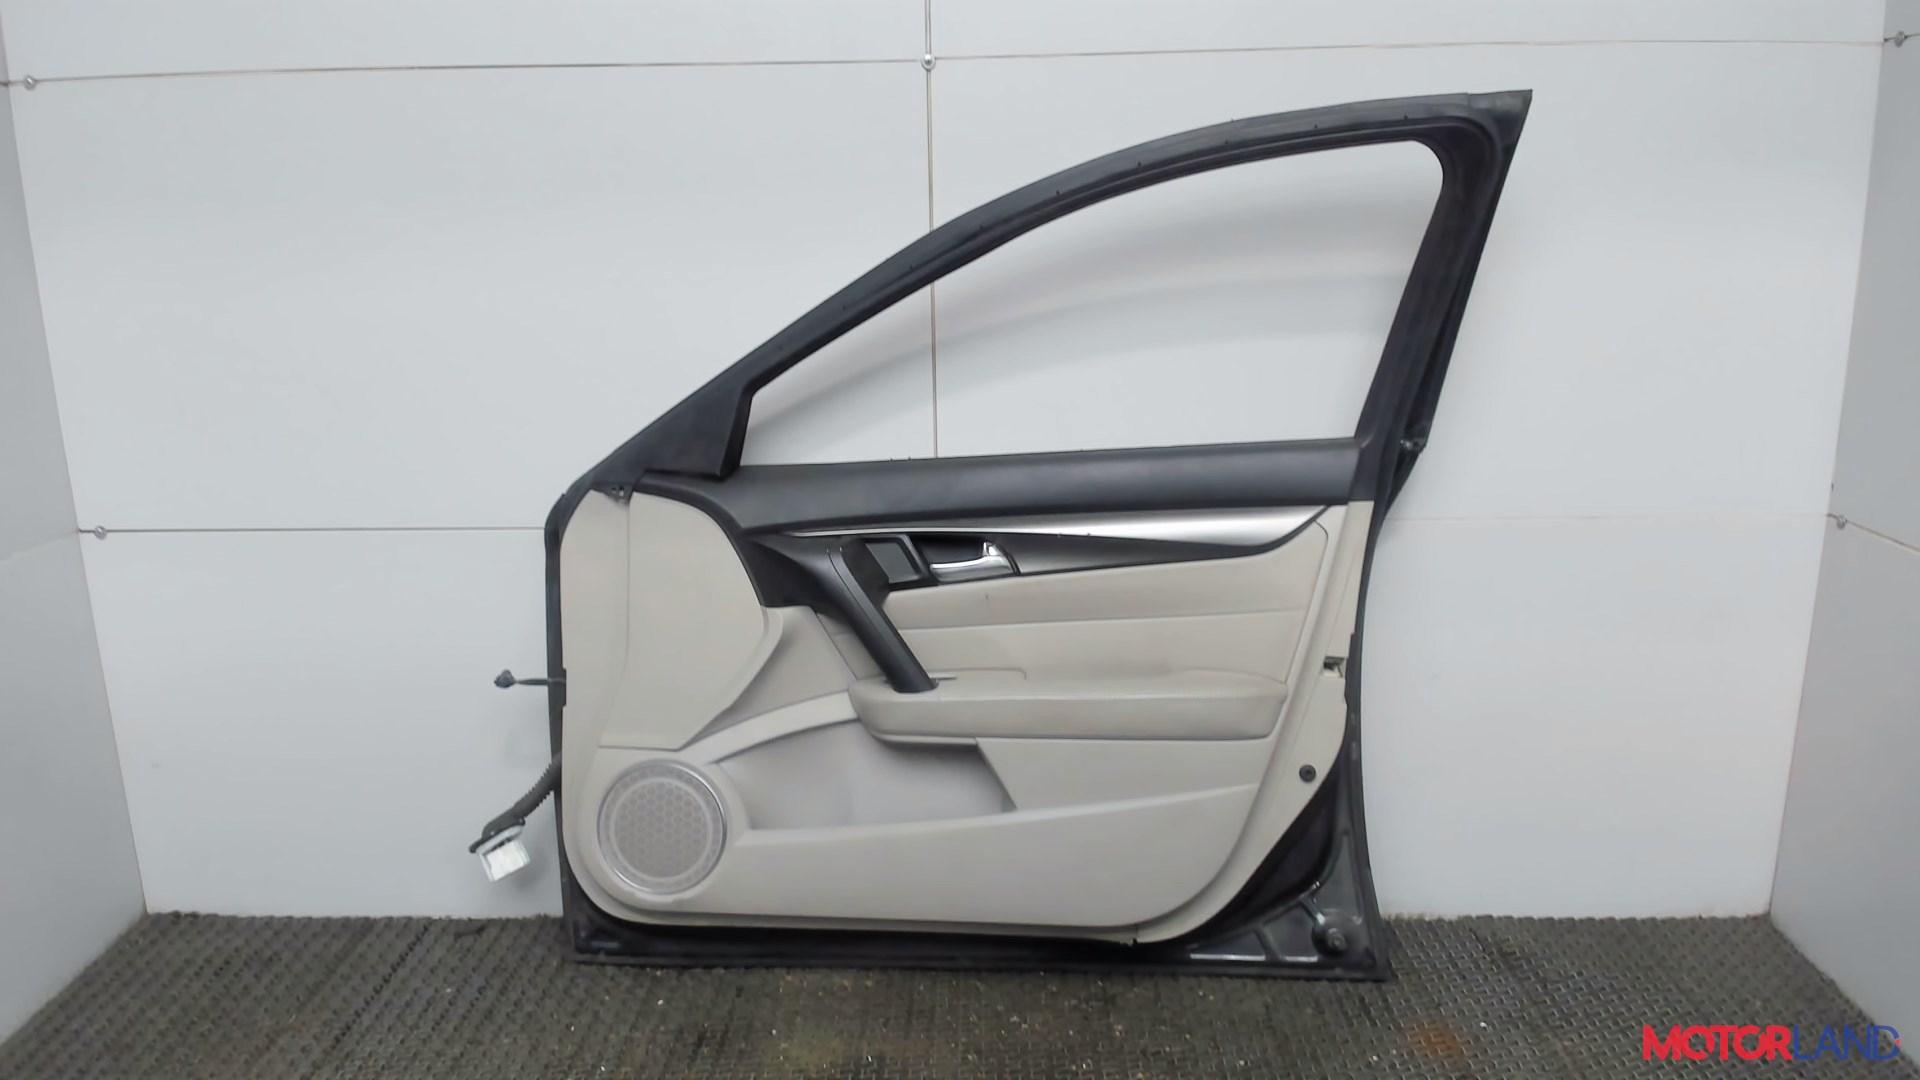 Стеклоподъемник электрический [AdditionalType] Acura TL 2008-2014, [КонстрНомер-Артикул], деталь является частью агрегата #1